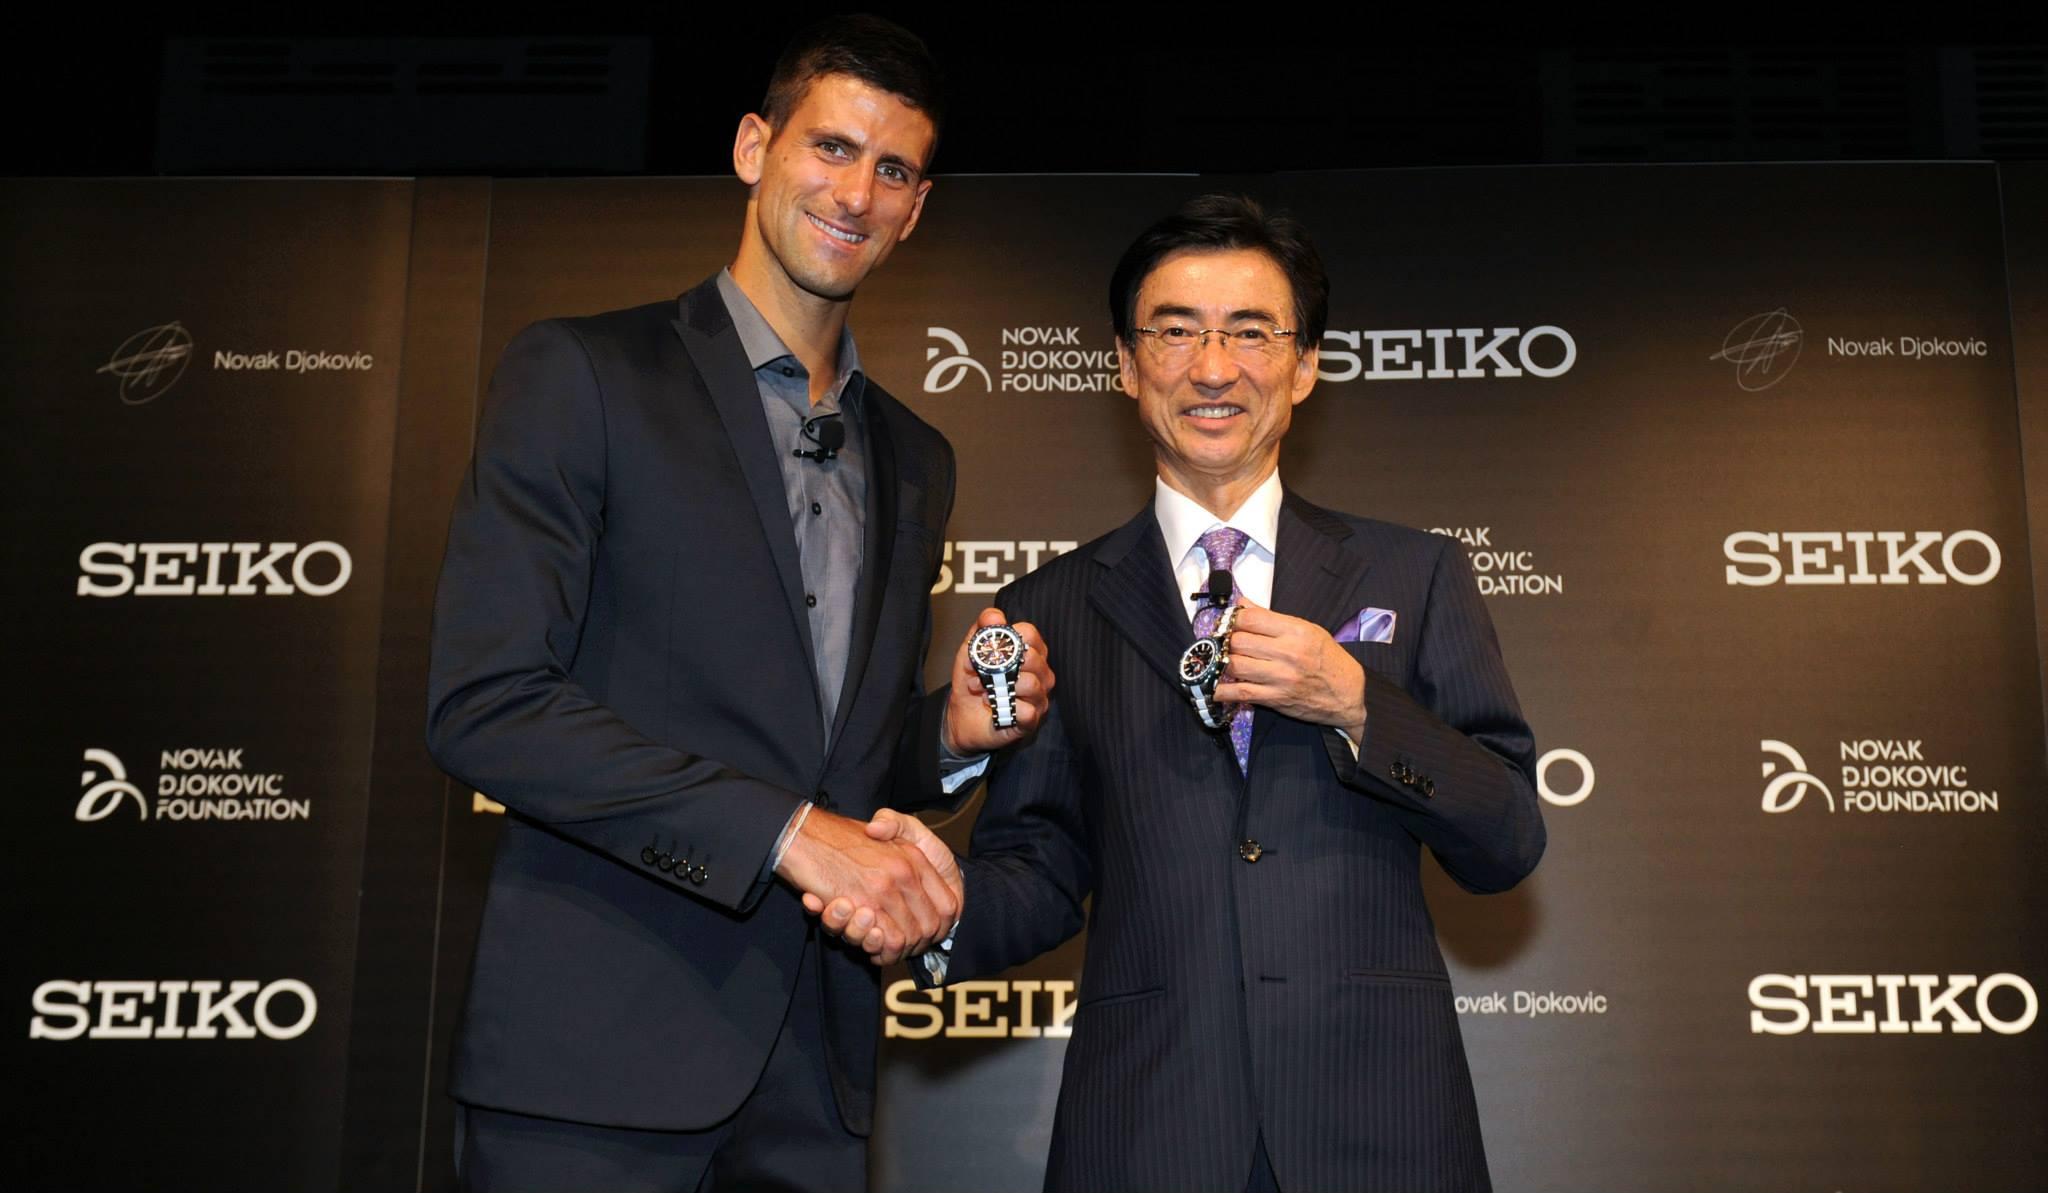 Naziv: Novak-Djokovic-Seiko-satovi-ambasador-brenda-1.jpg, pregleda: 175, veličina: 147,7 KB